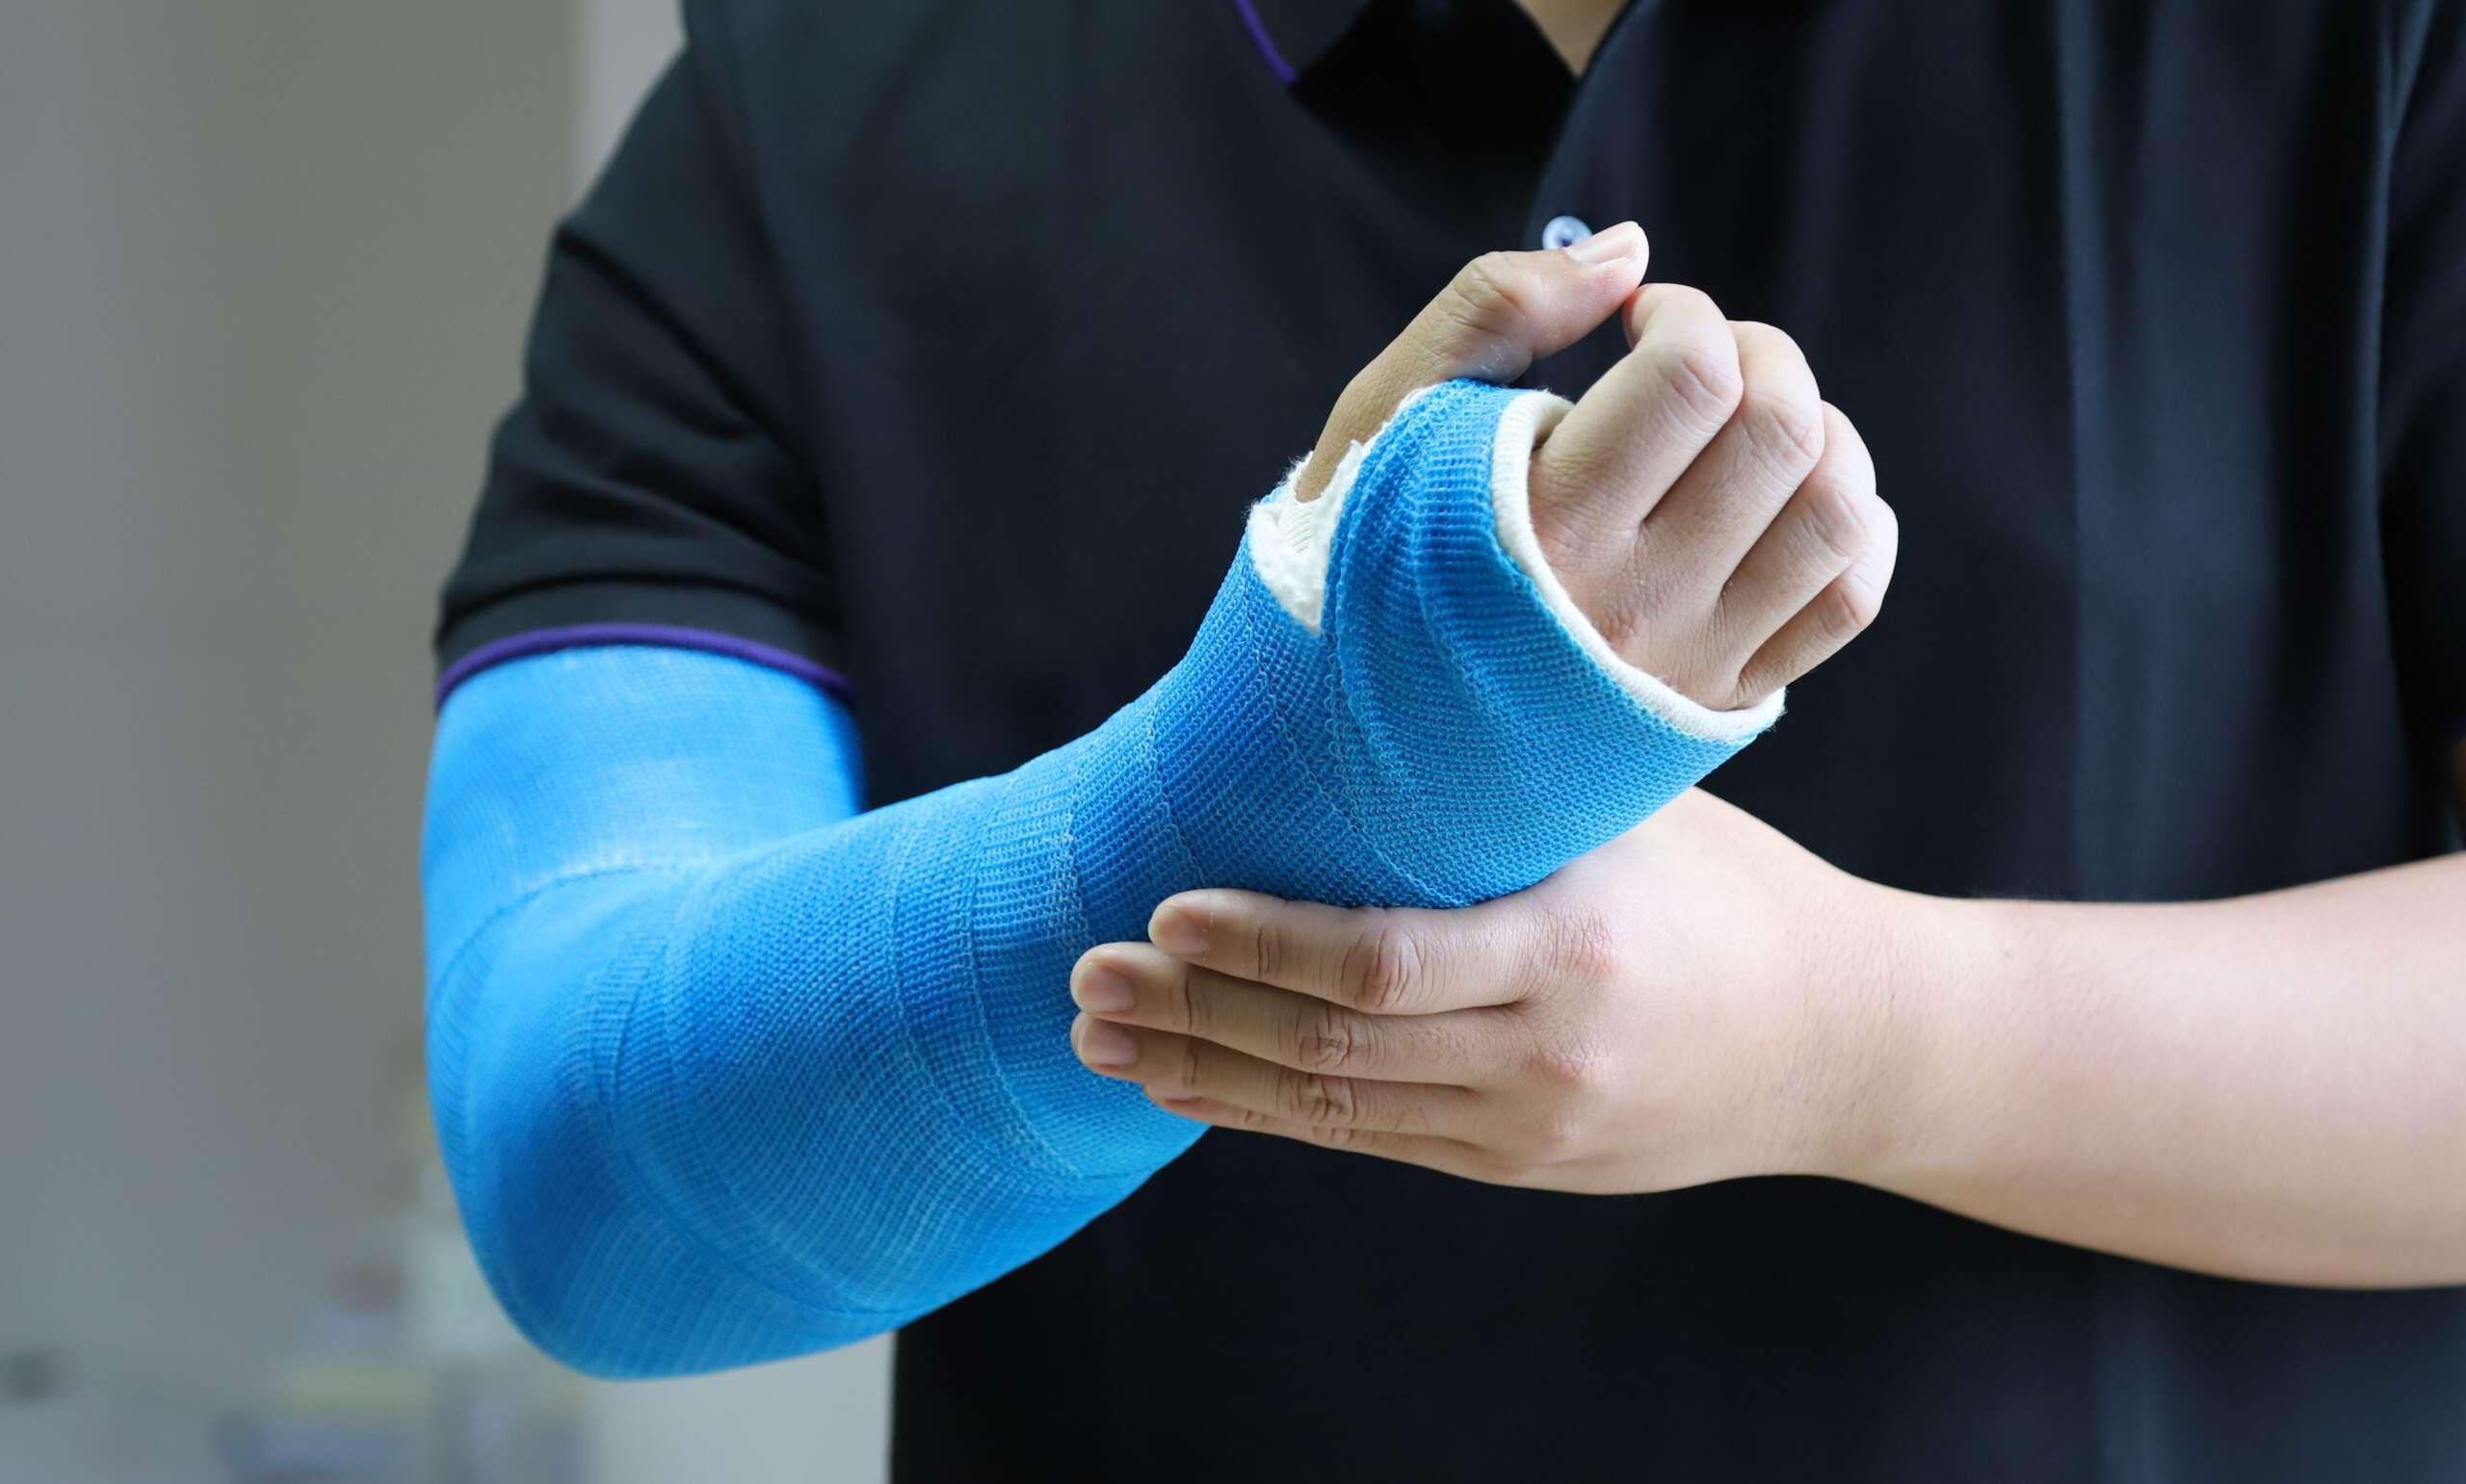 niebieski lekki gips- opatrunek gipsowy na rękę